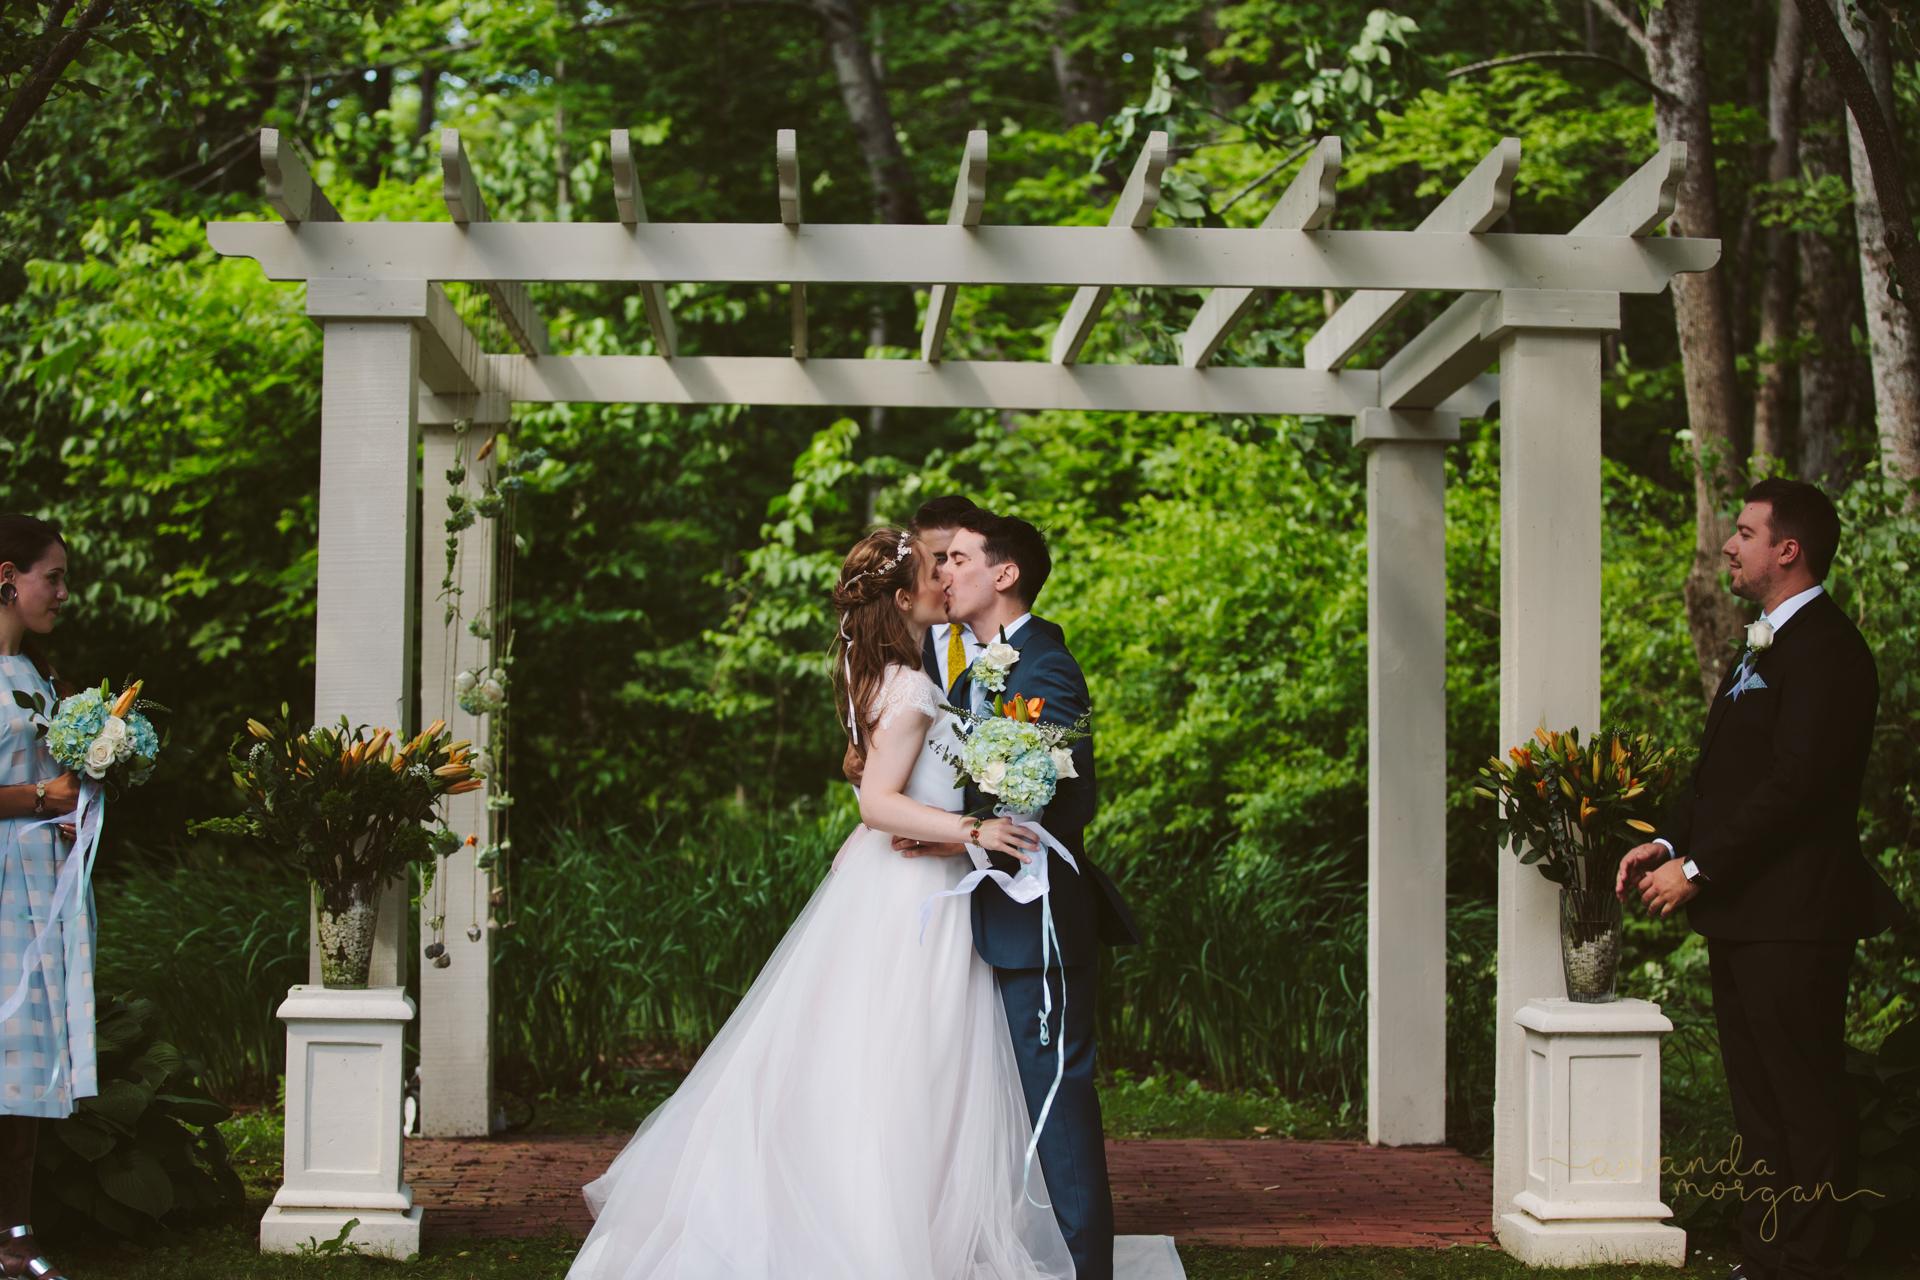 Glimmerstone-Mansion-Vermont-Wedding-Amanda-Morgan-31.jpg